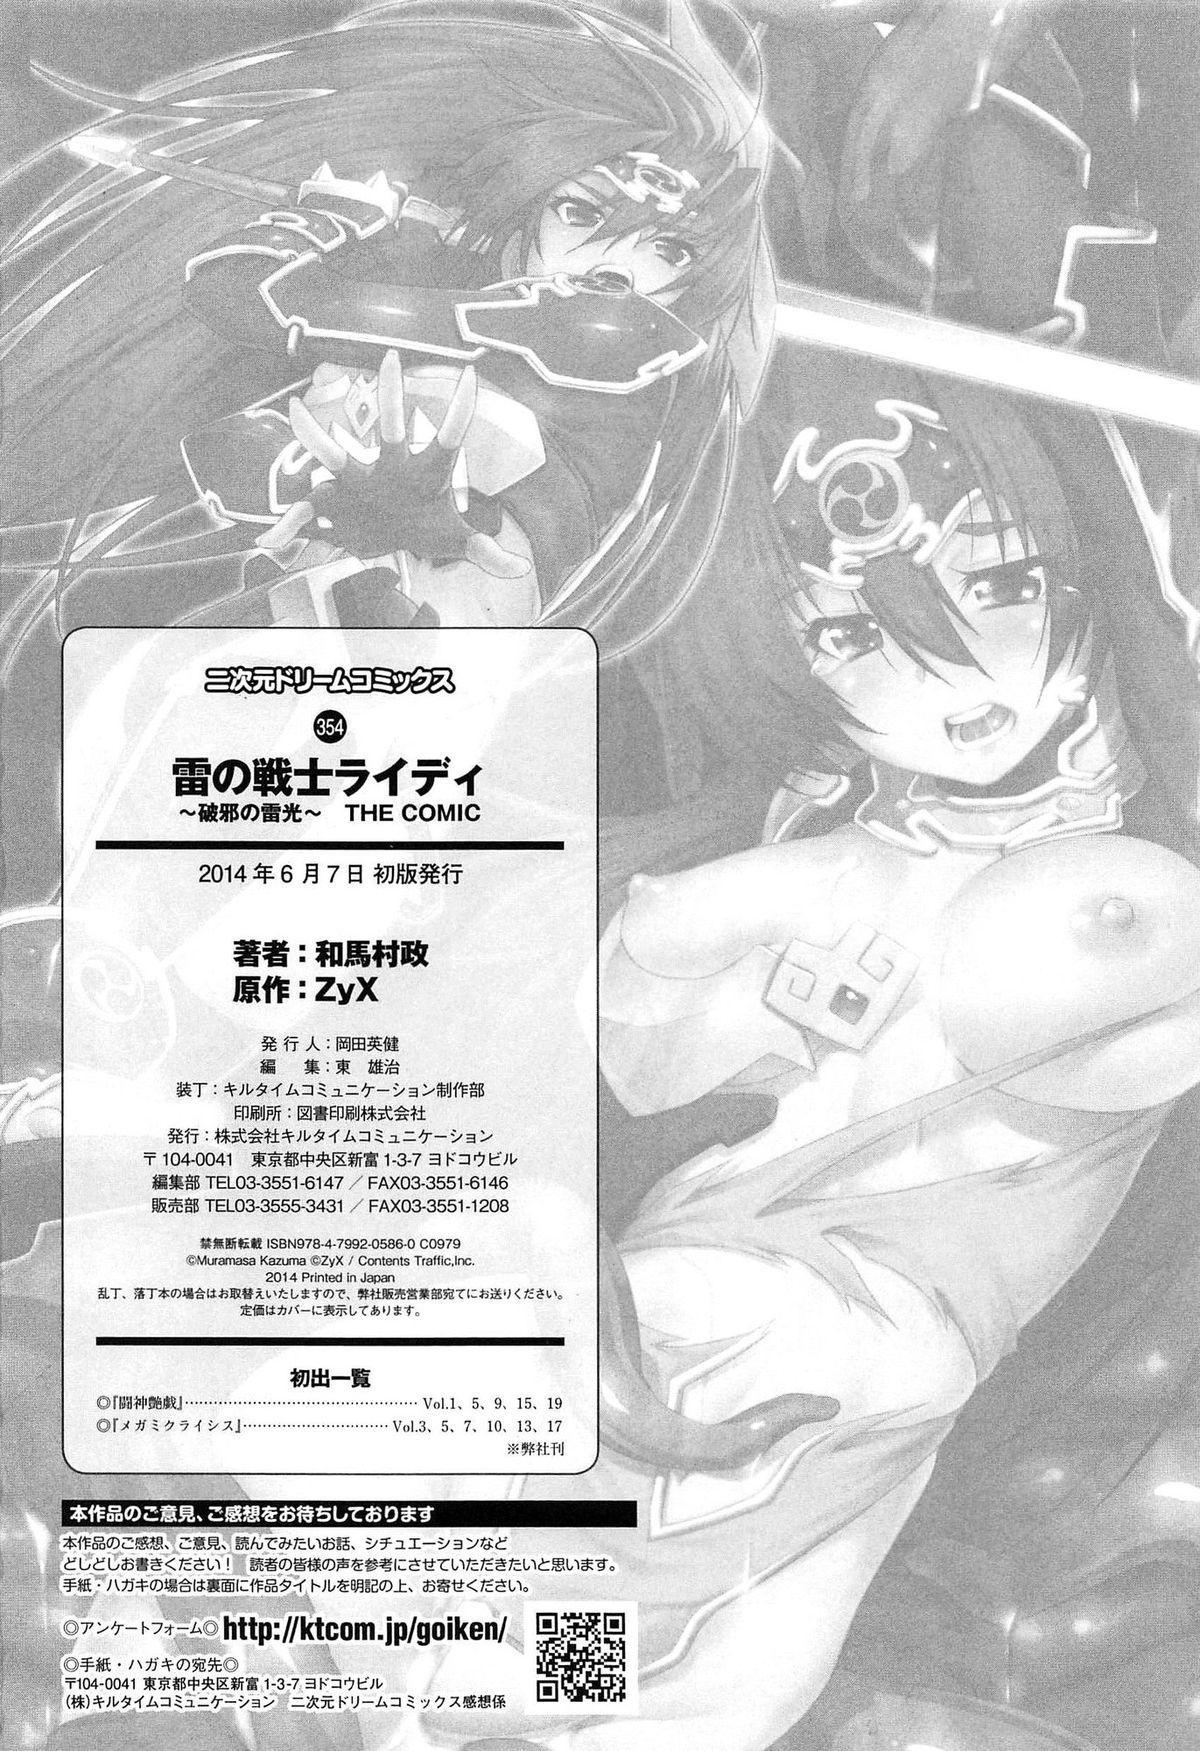 [kazuma muramasa, ZyX] Ikazuchi no Senshi Raidy ~Haja no Raikou~ THE COMIC 223